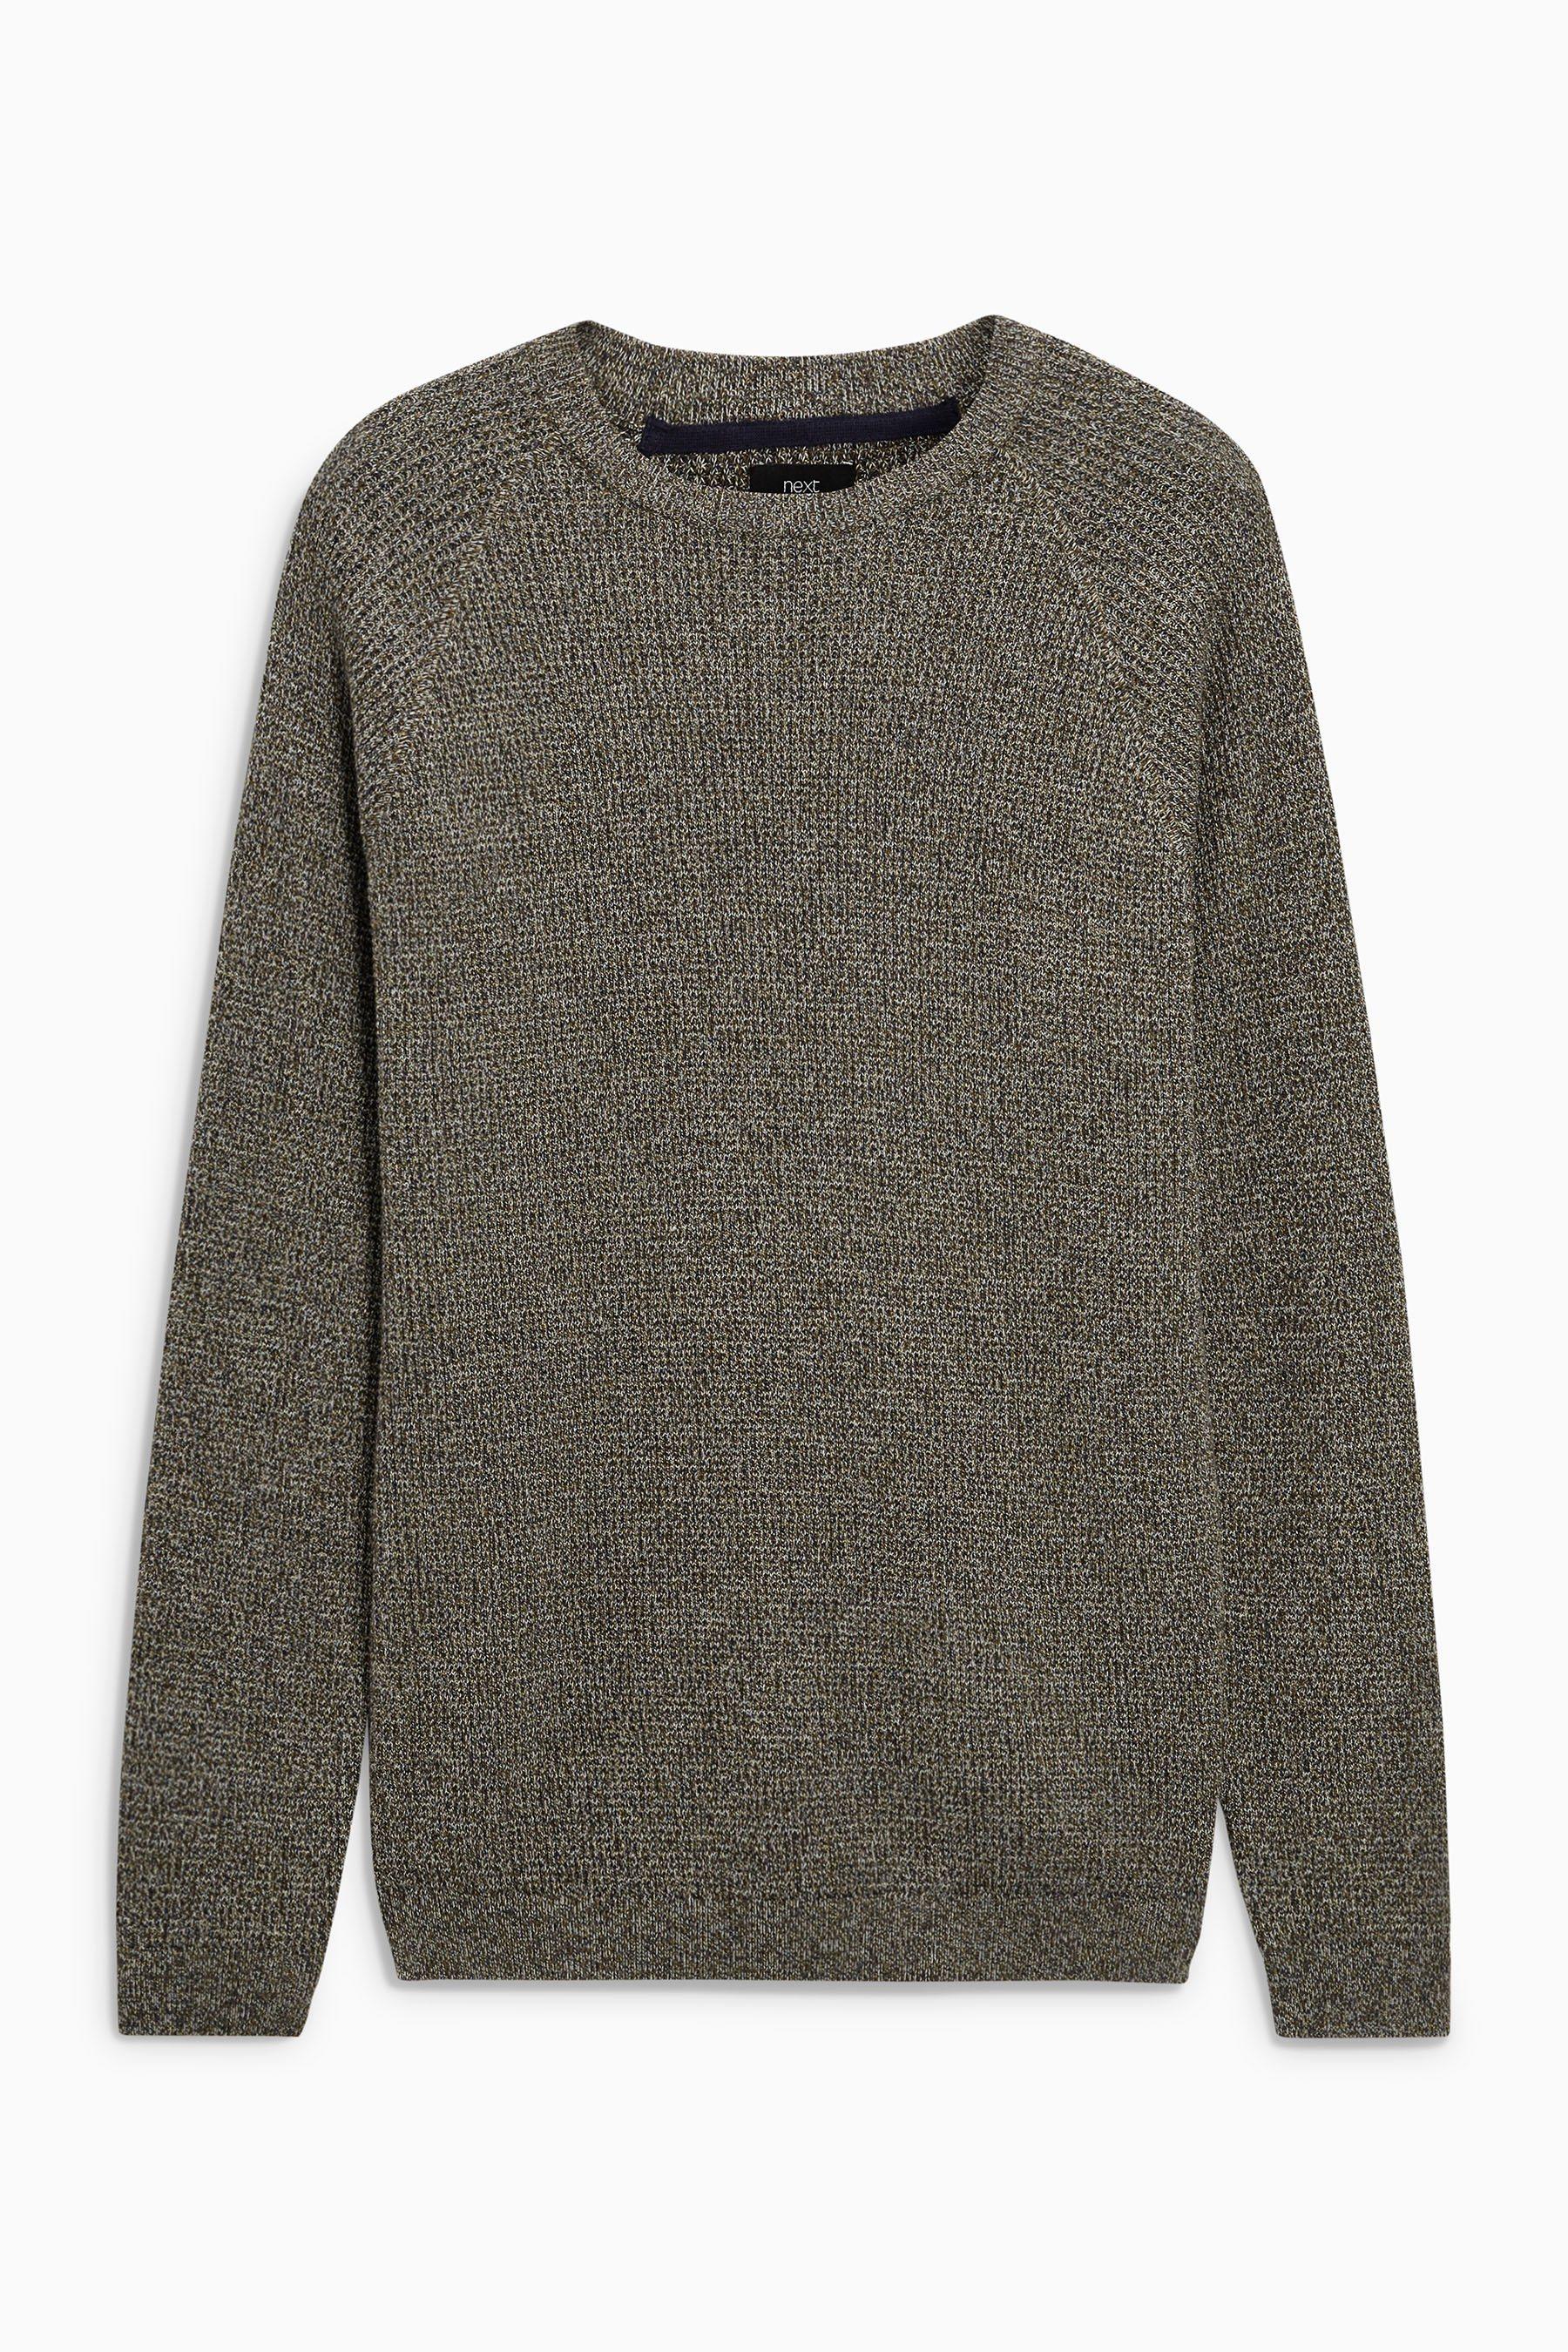 Next Pullover mit Waffelstruktur